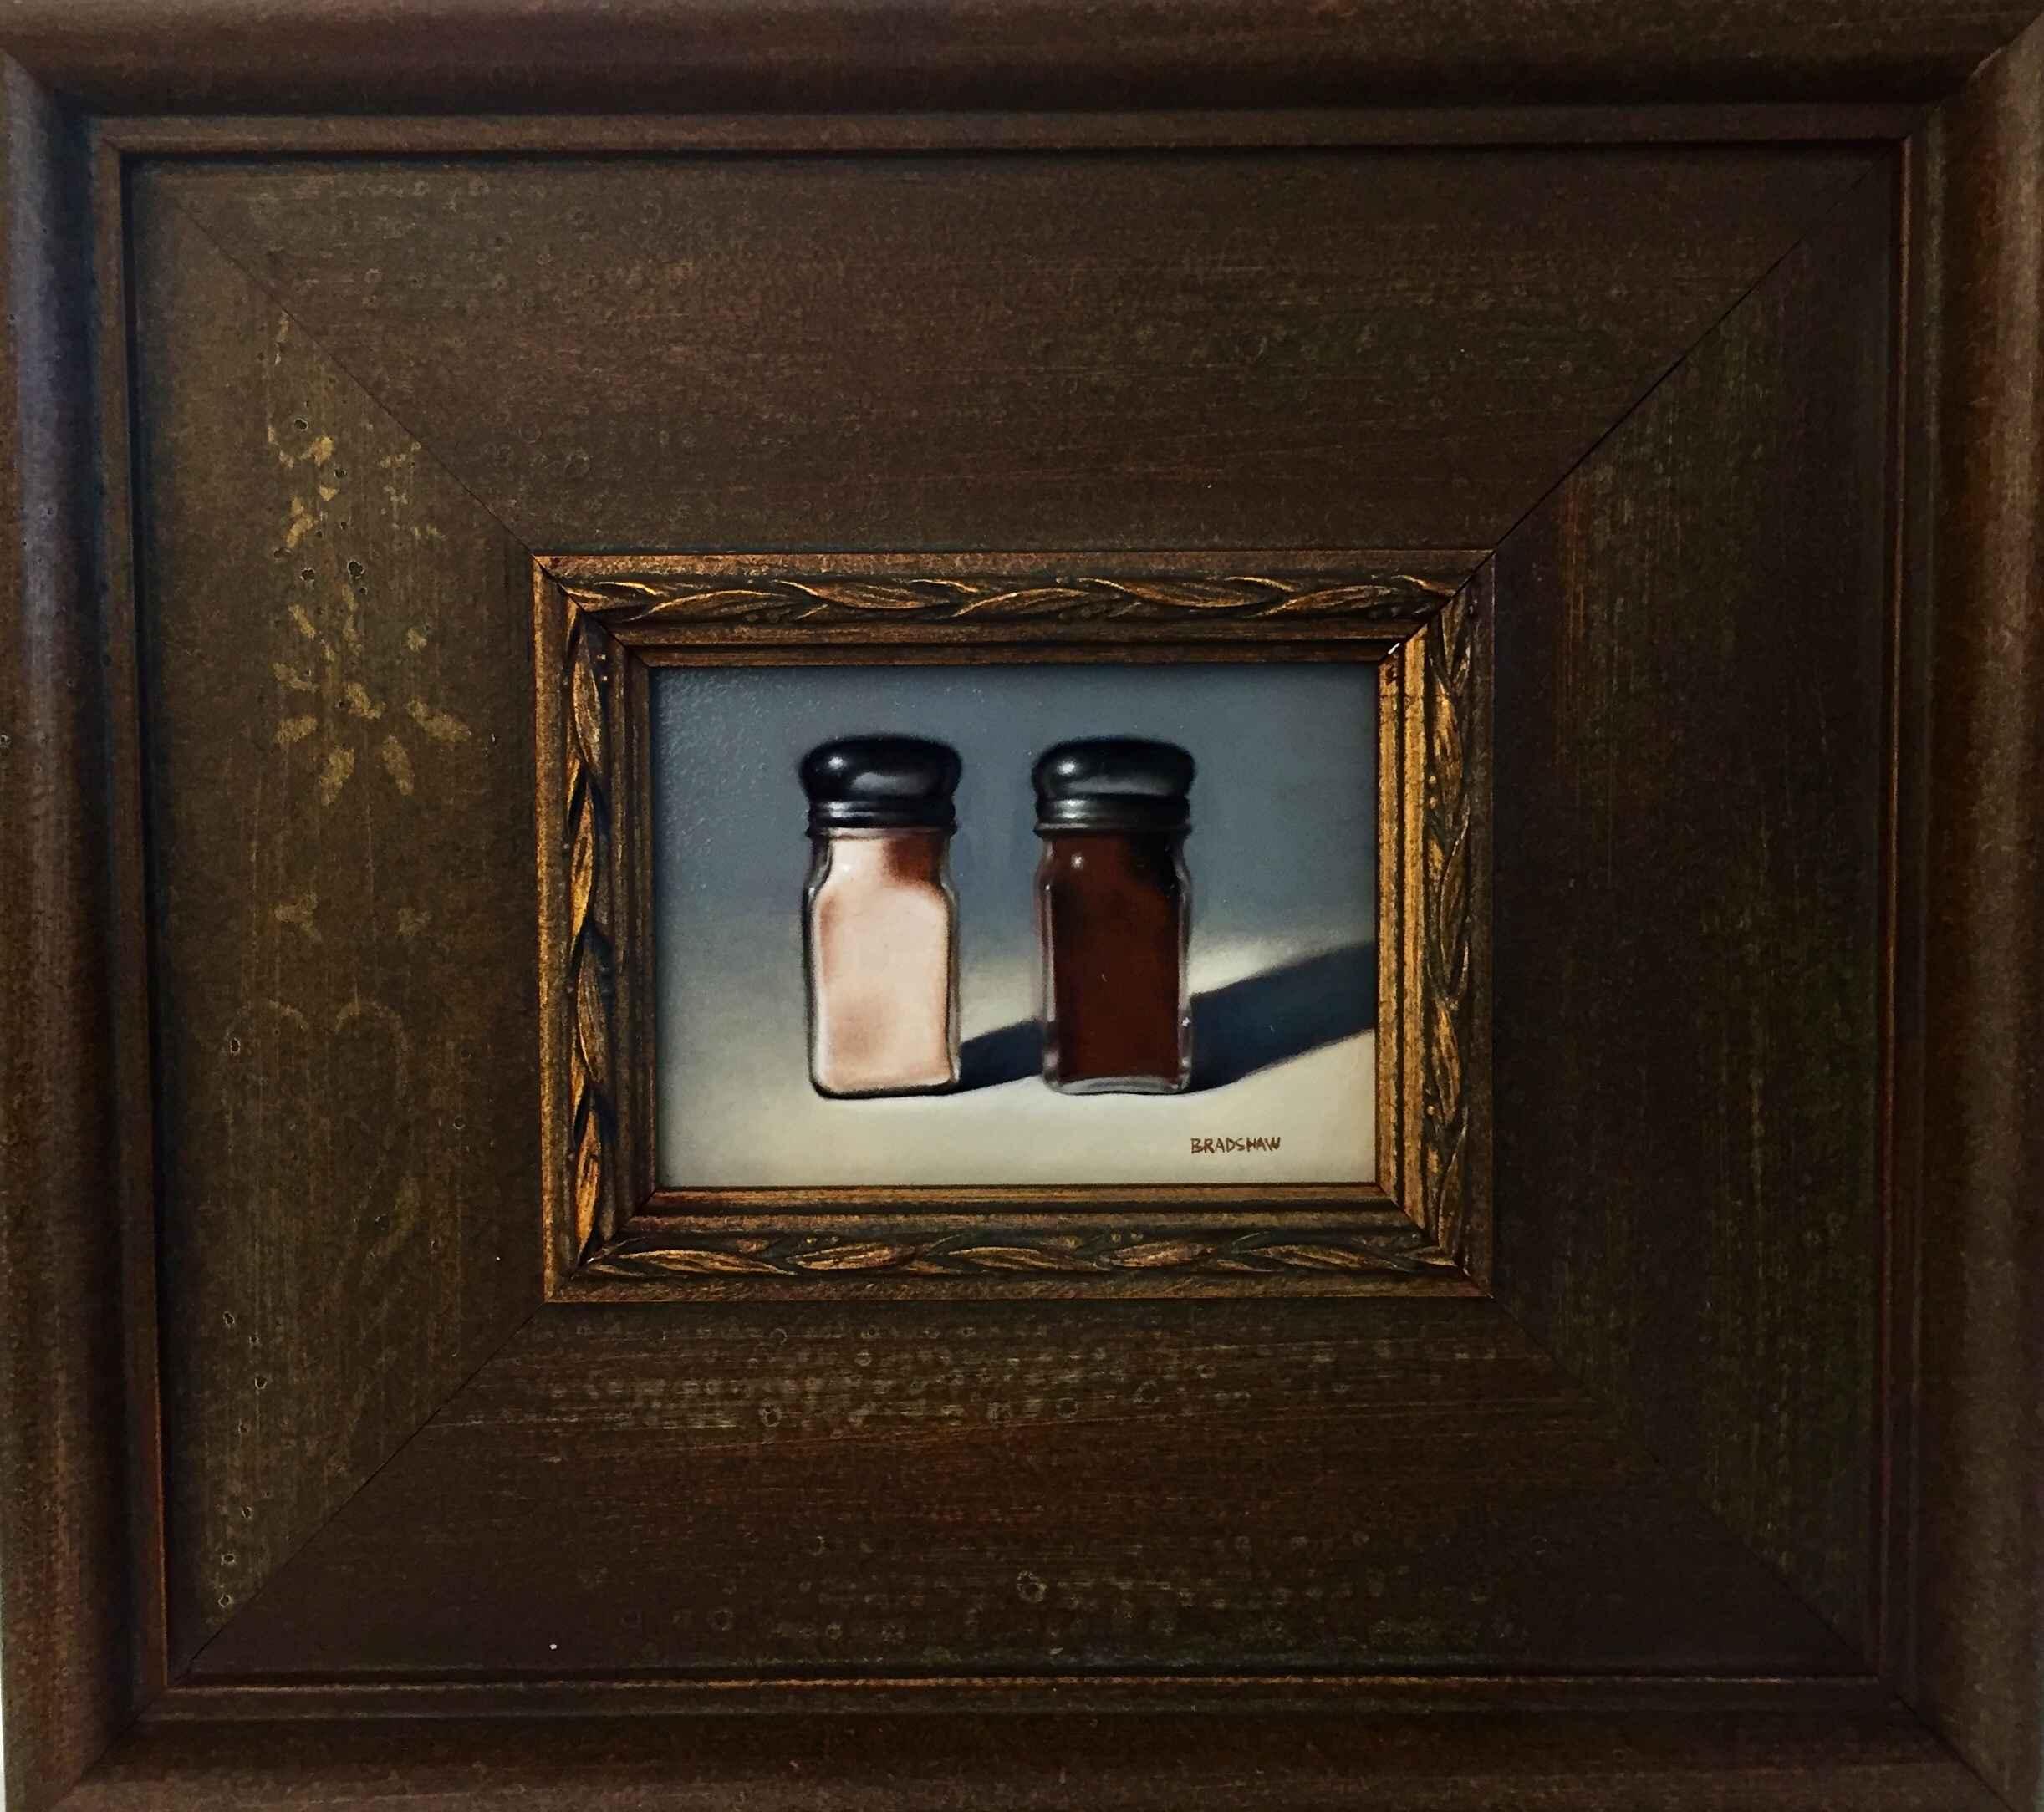 Salt & Pepper by  Pauline Bradshaw - Masterpiece Online